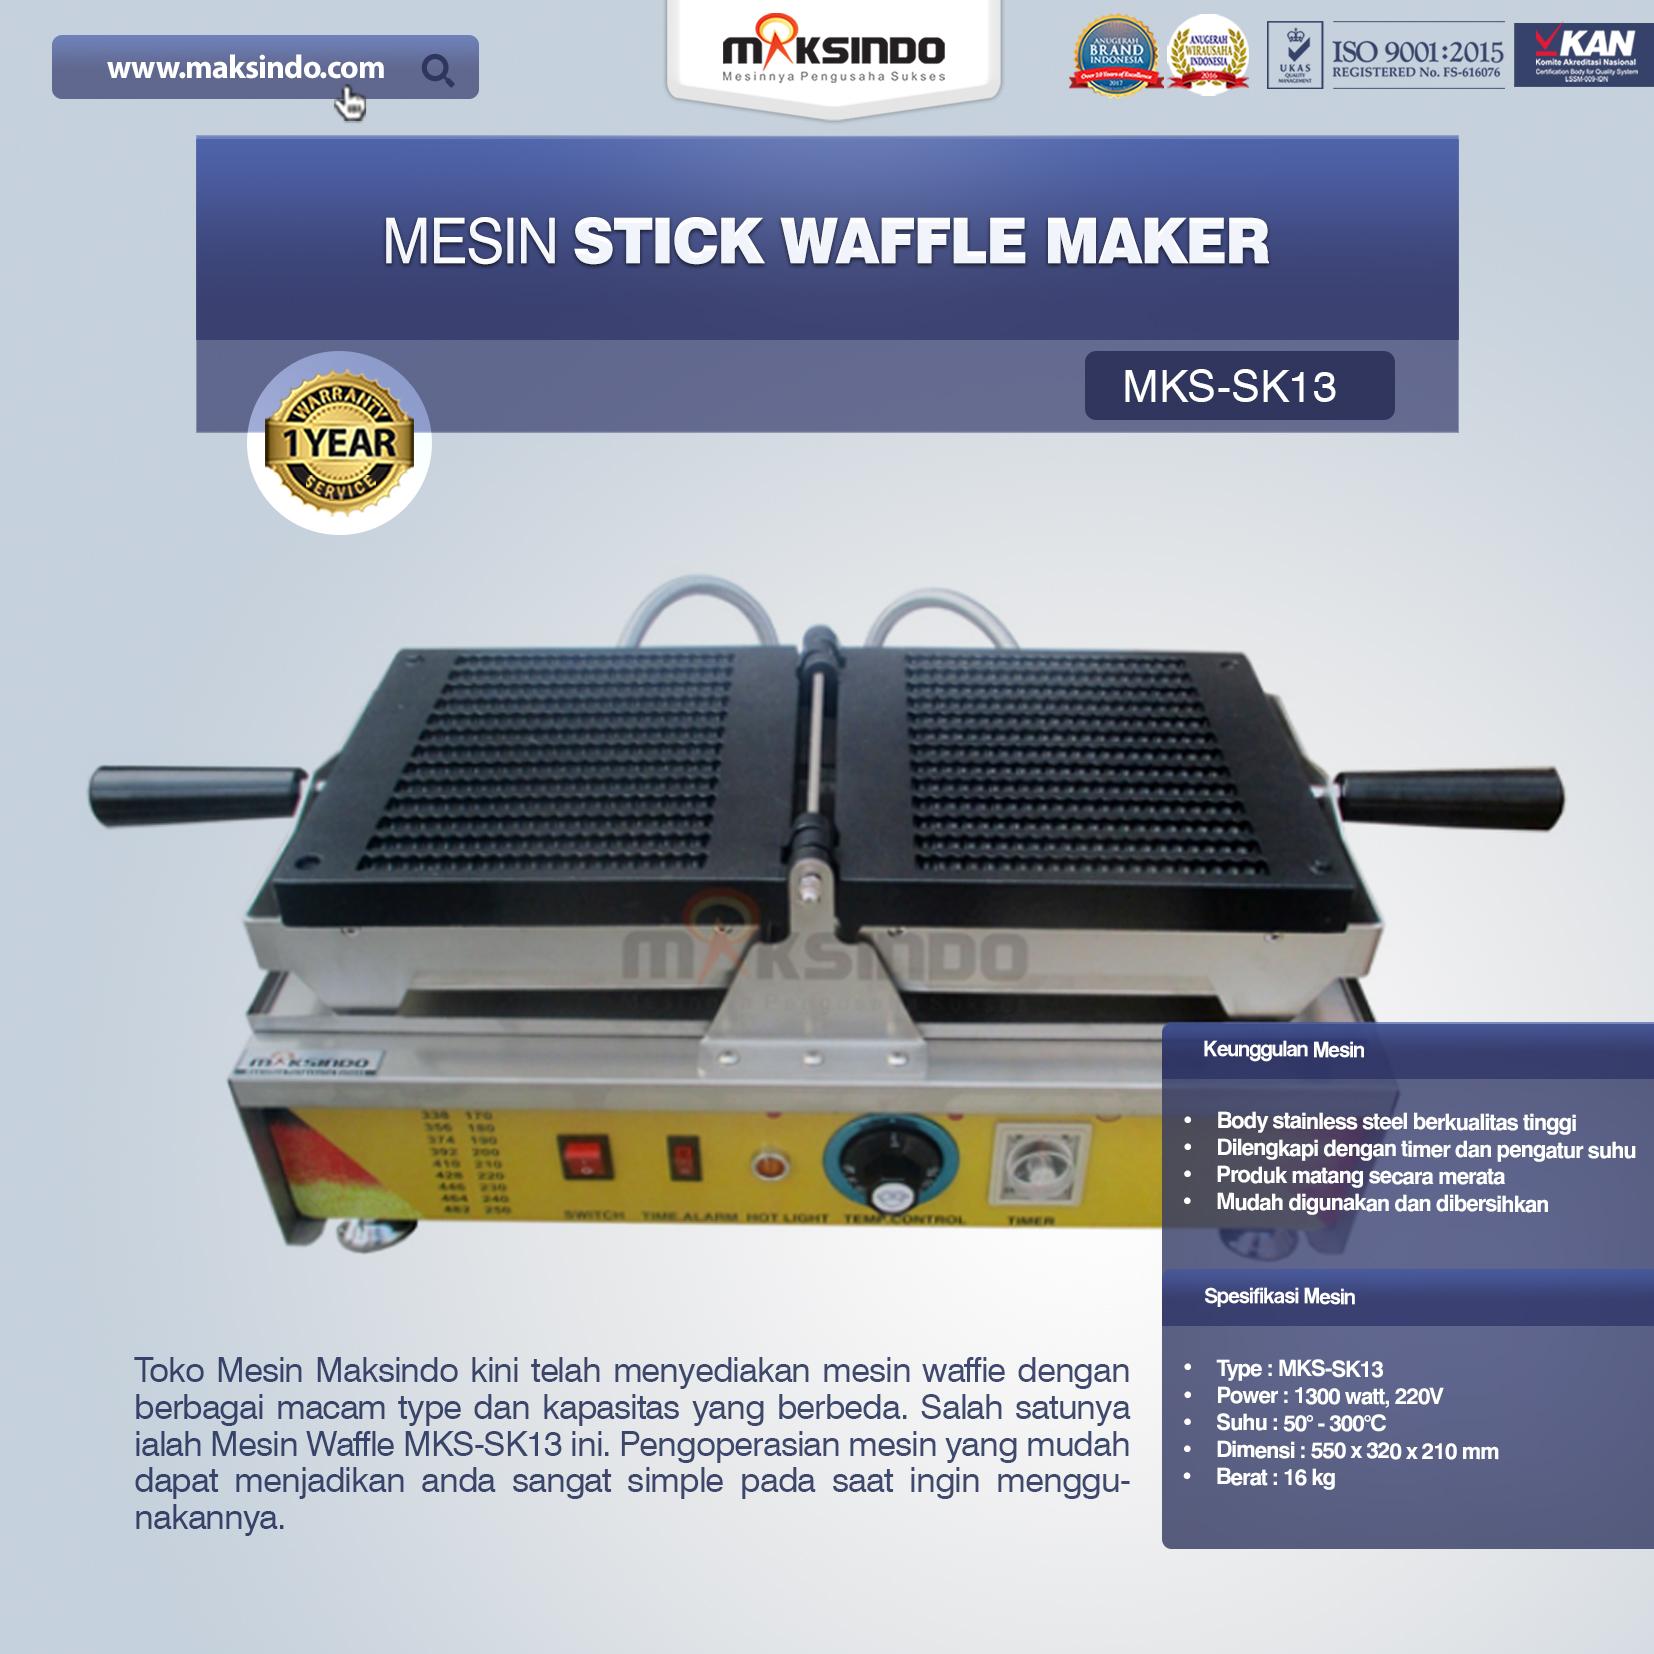 Jual Mesin Stick Waffle Maker MKS-SK13 di Bogor